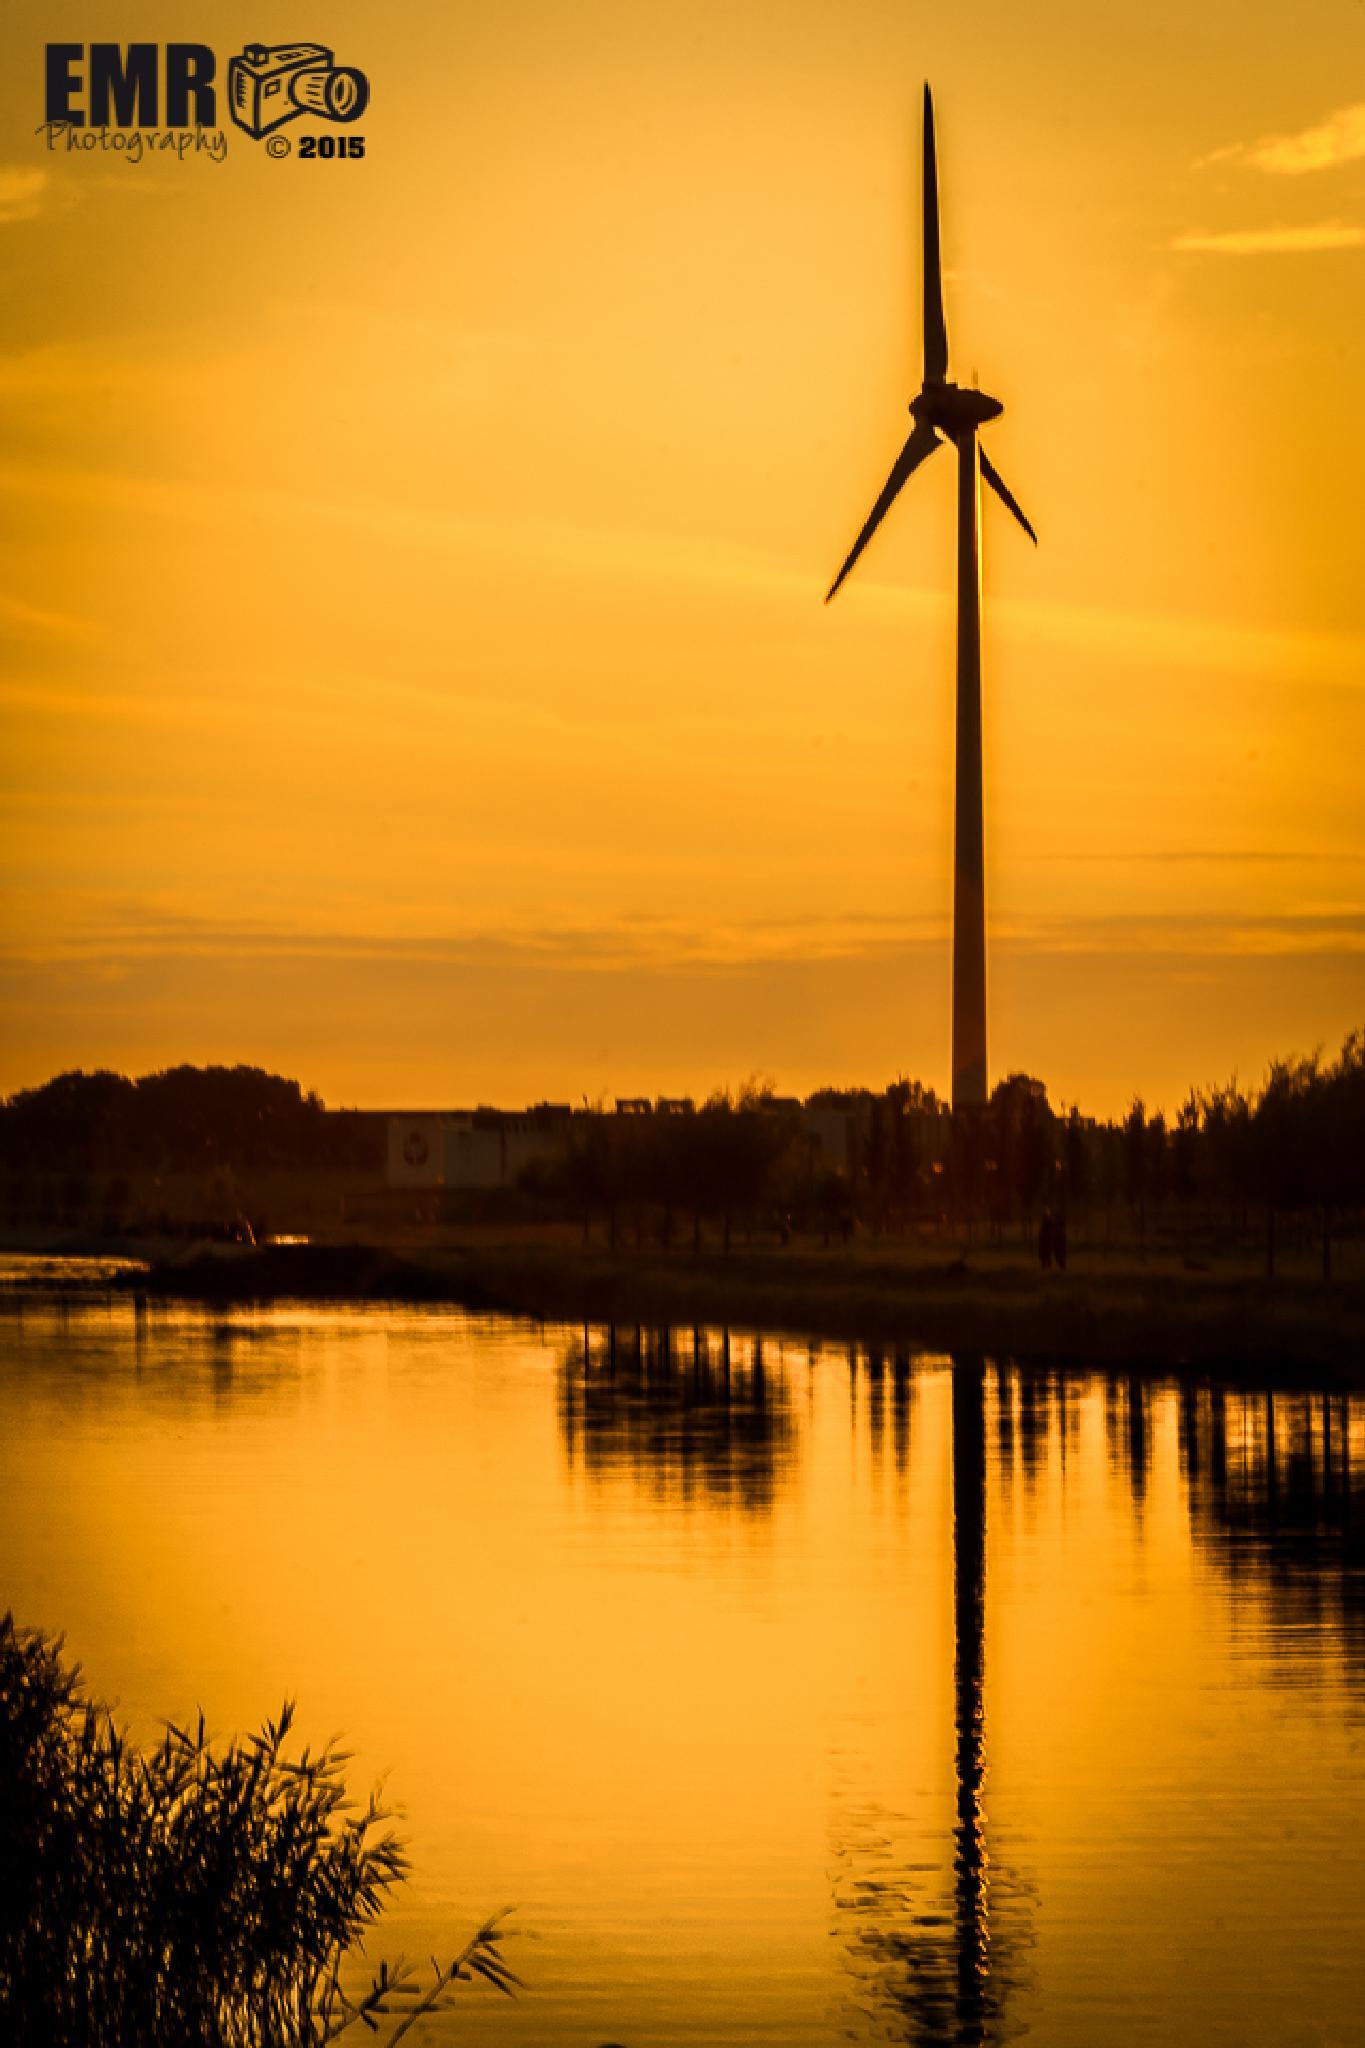 Sunset - Heerhugowaard - Nederland  by EMR Photography & Fotomodel Marijn